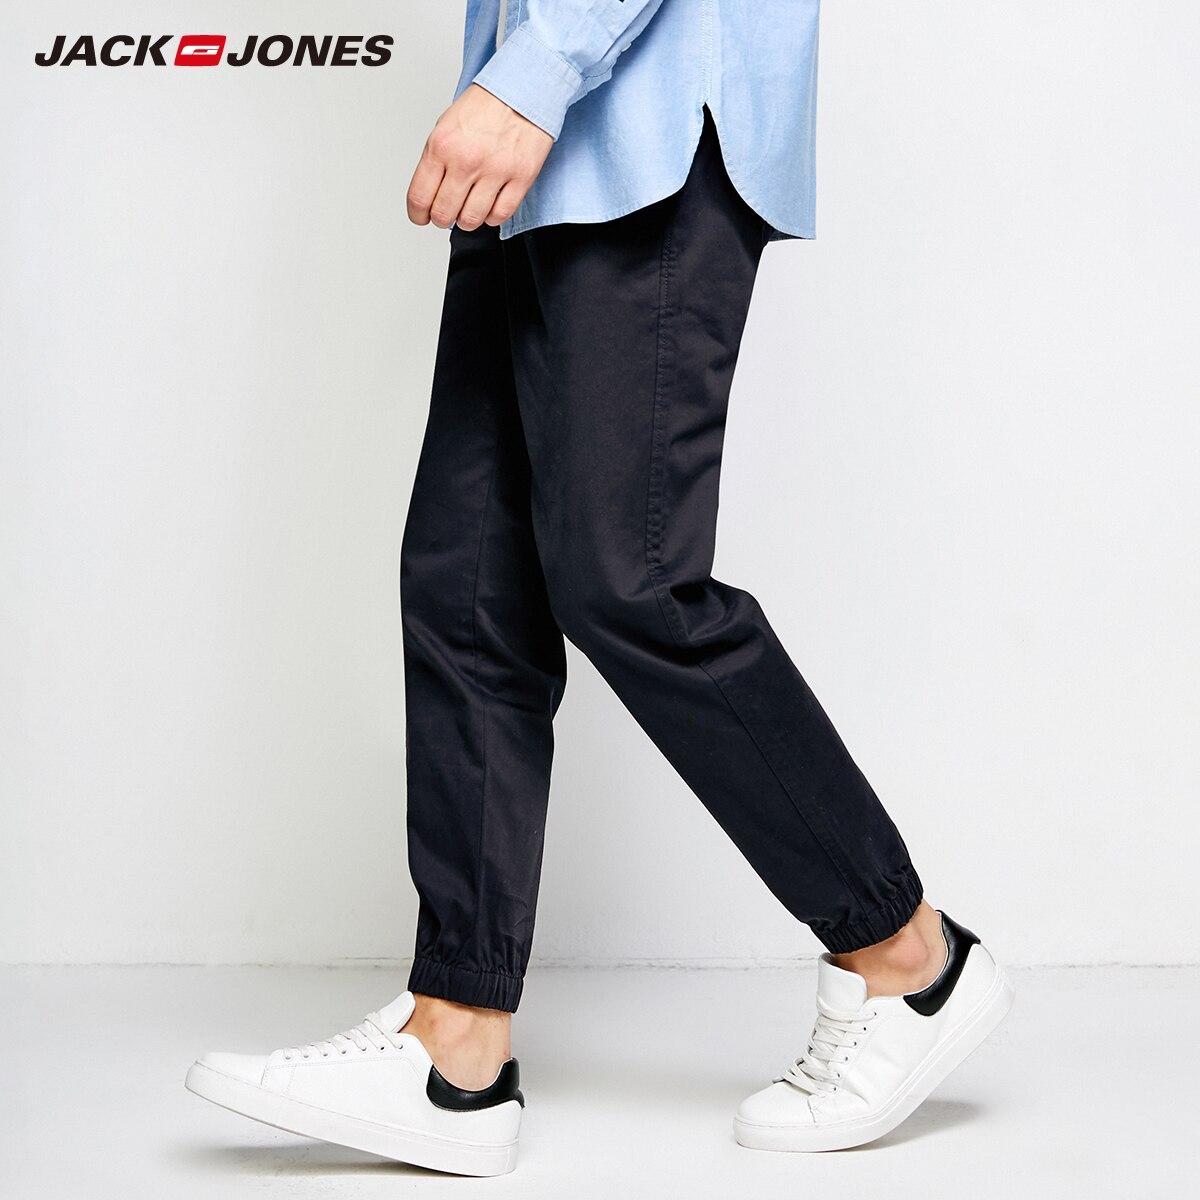 Transpirable Lycra Nueva Pantalones navy De Marca Chándal Mlmr Fit Casual Ocio Ropa Cómodo Blue 218314511 Jackjones Slim EqxwEdP